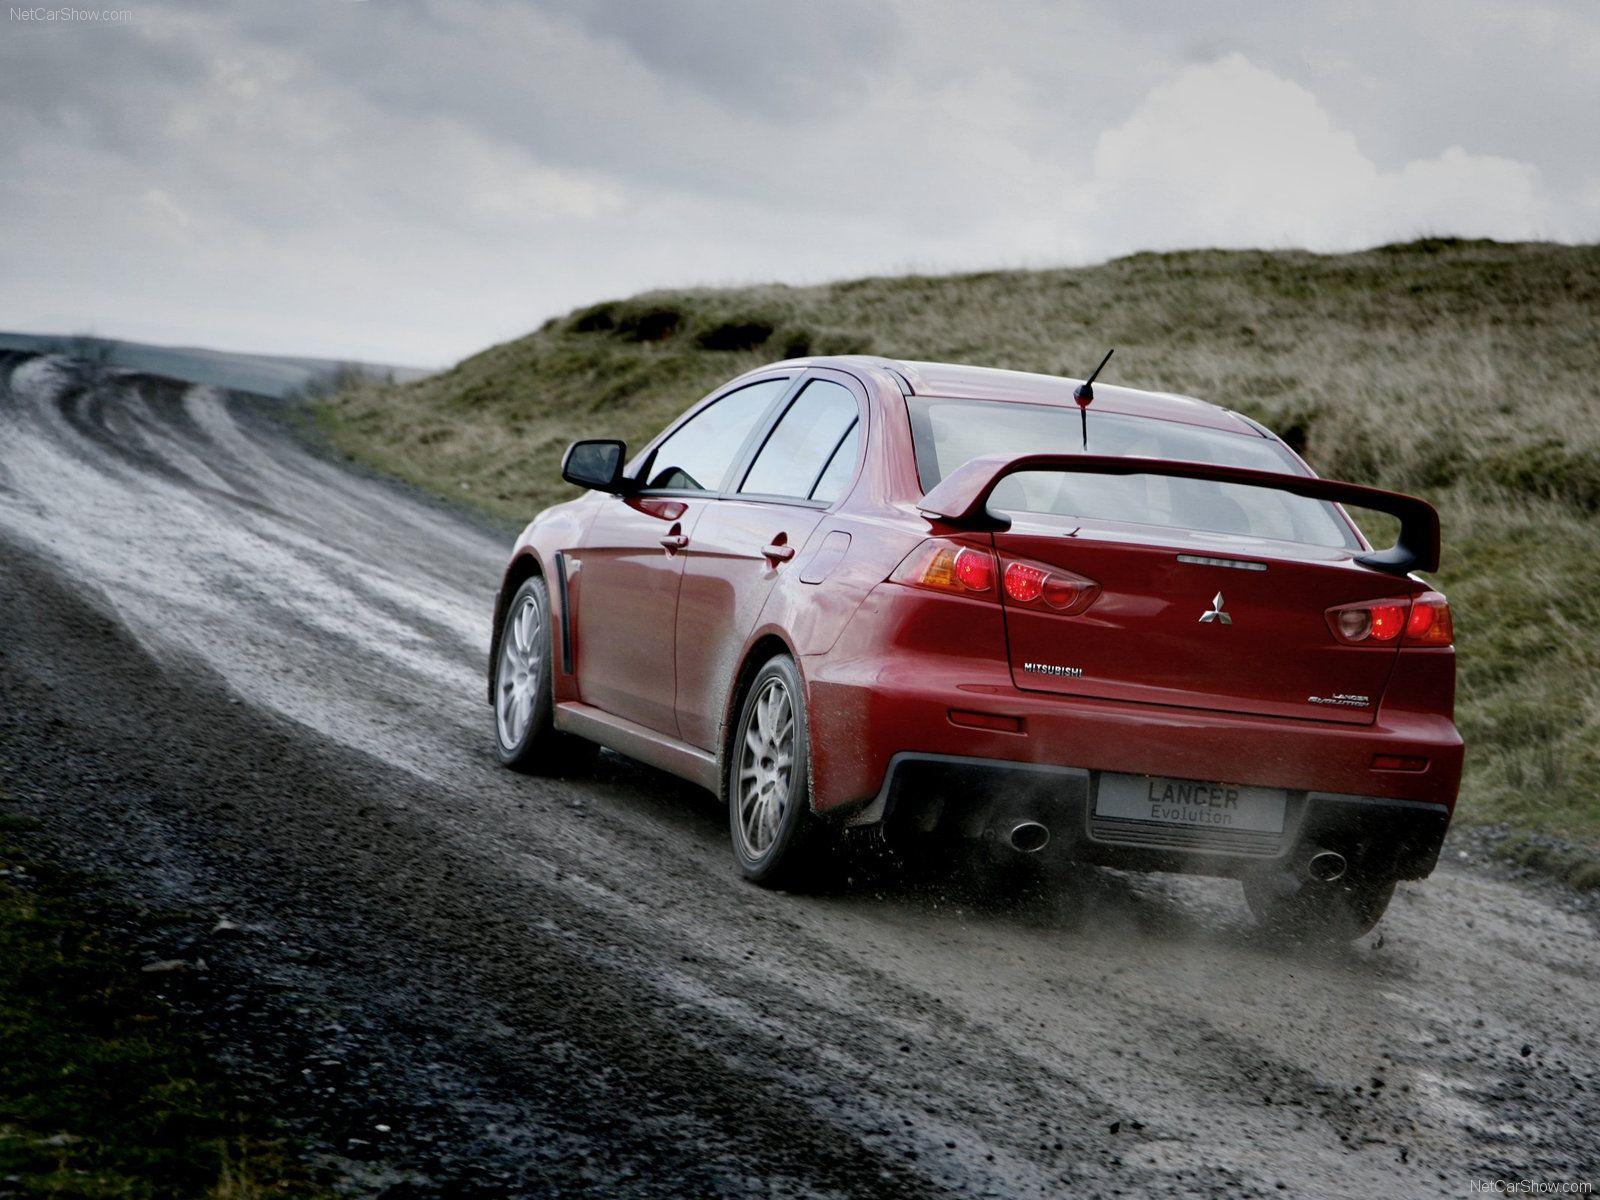 Mitsubishi Lancer cars wallpaper -   #Mitsubishi  #Cars, #Lancer, #Mitsubishi  http://wallautos.com/mitsubishi-lancer-cars.html